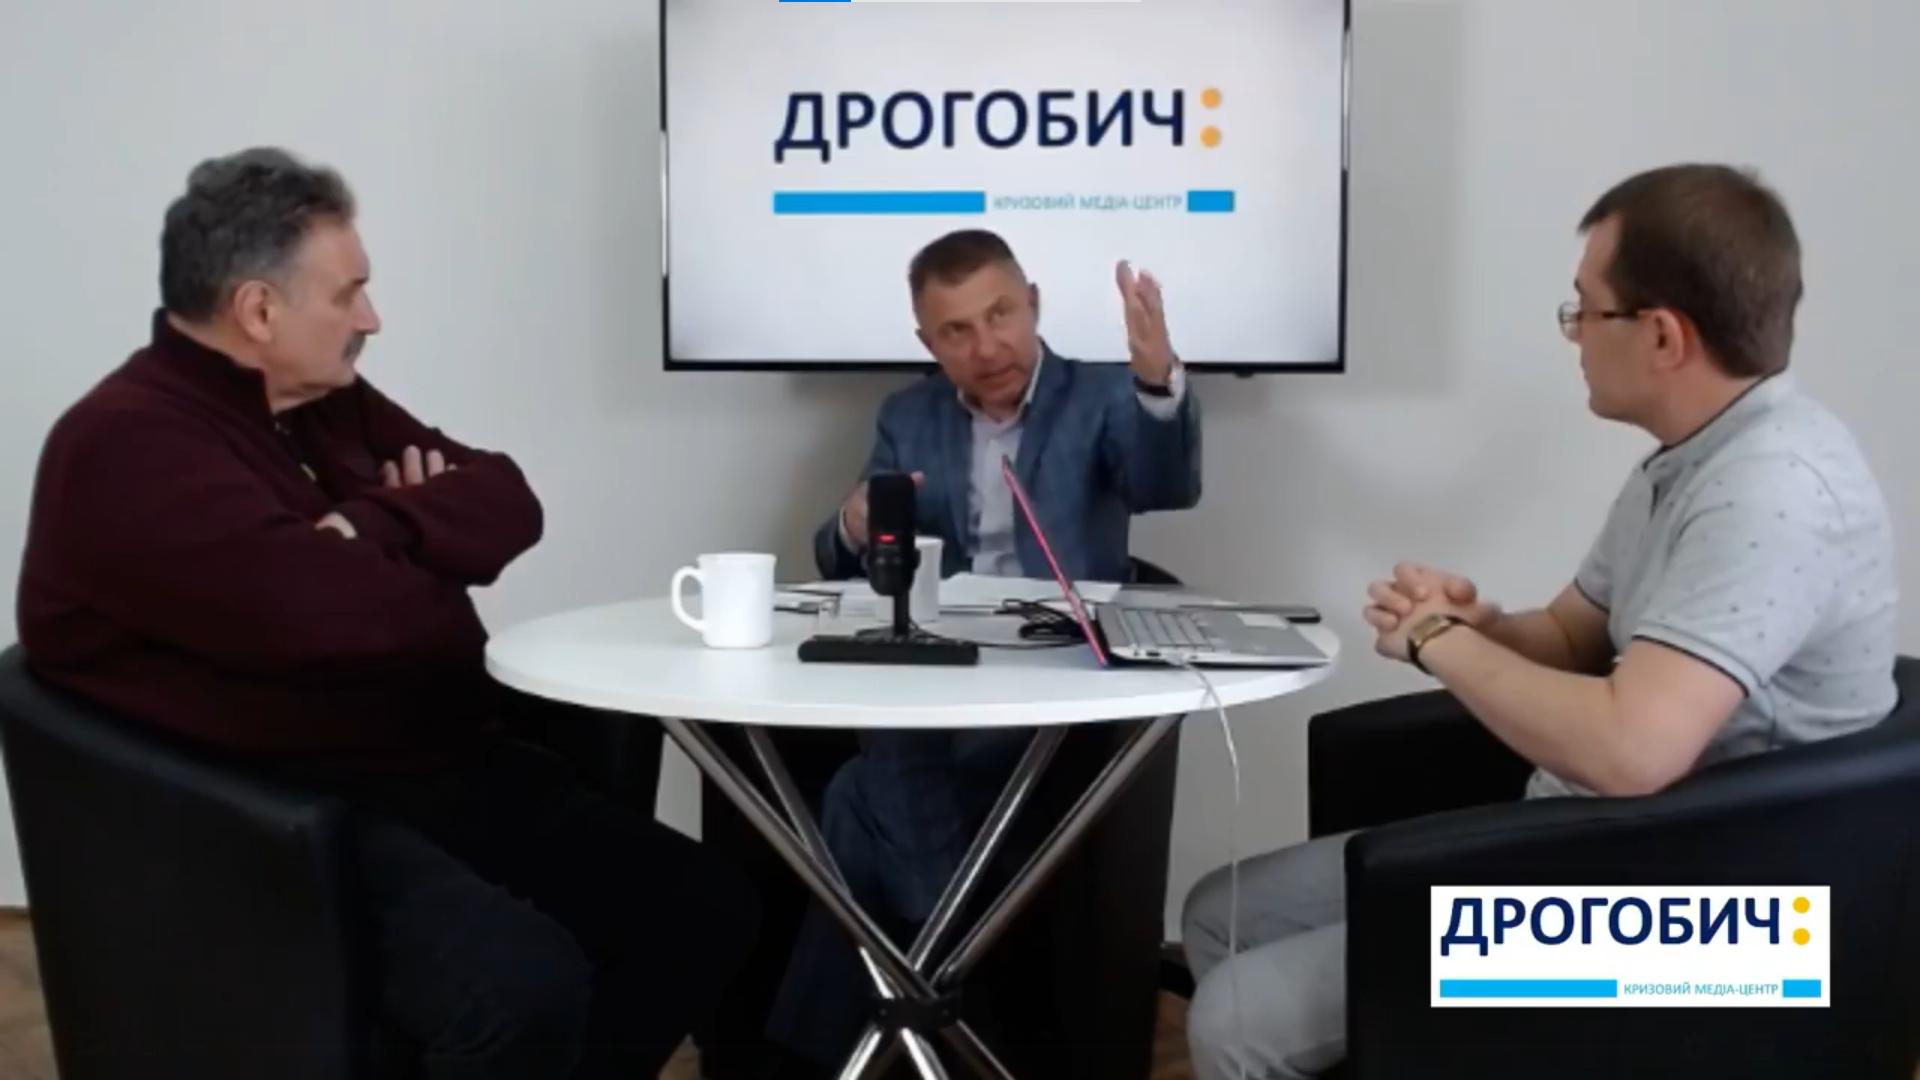 КМЦ «Дрогобич»: Перипетії навколо об'єднання шкіл